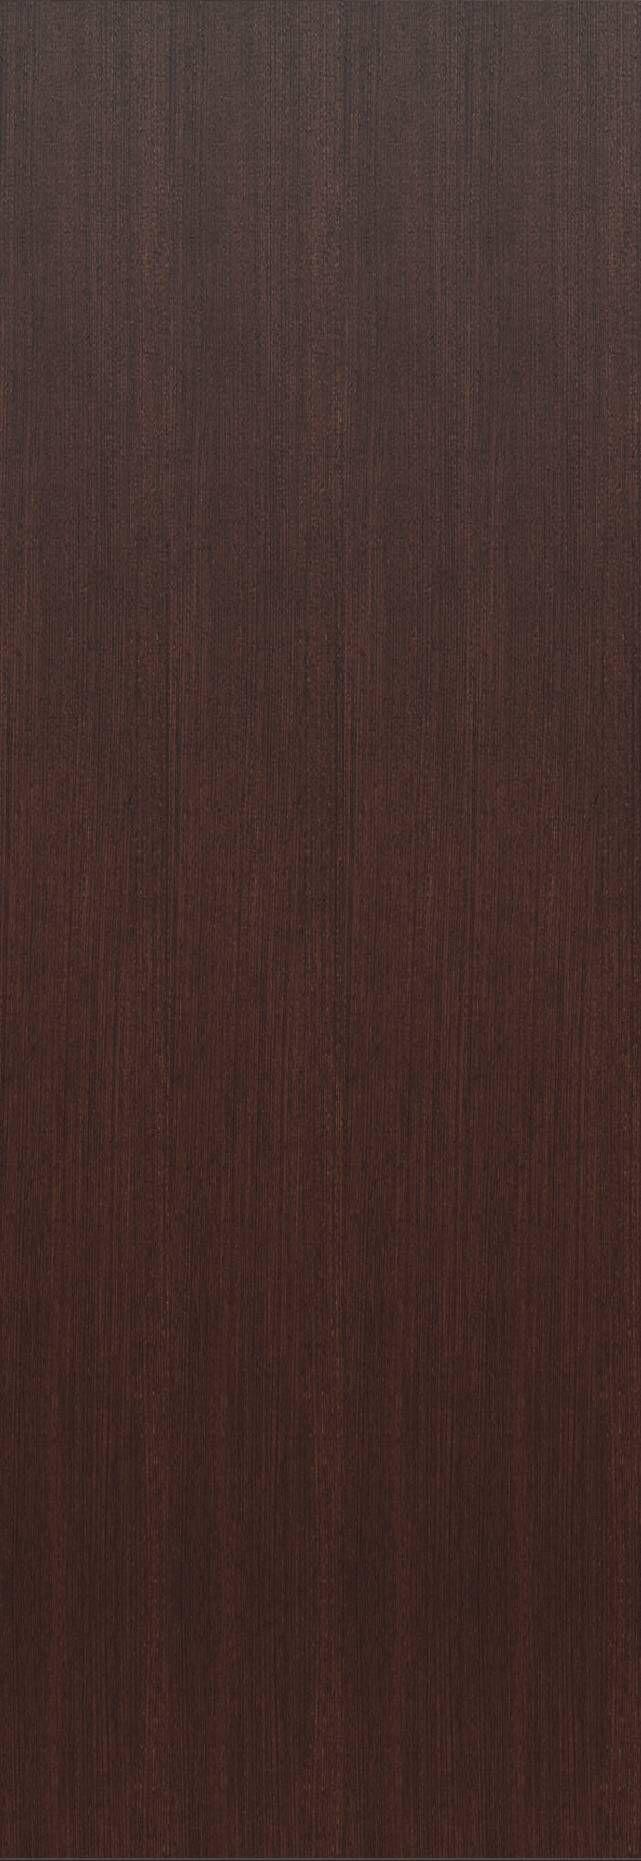 Tivoli А-1 Invisible цвет - Венге Без стекла (ДГ)